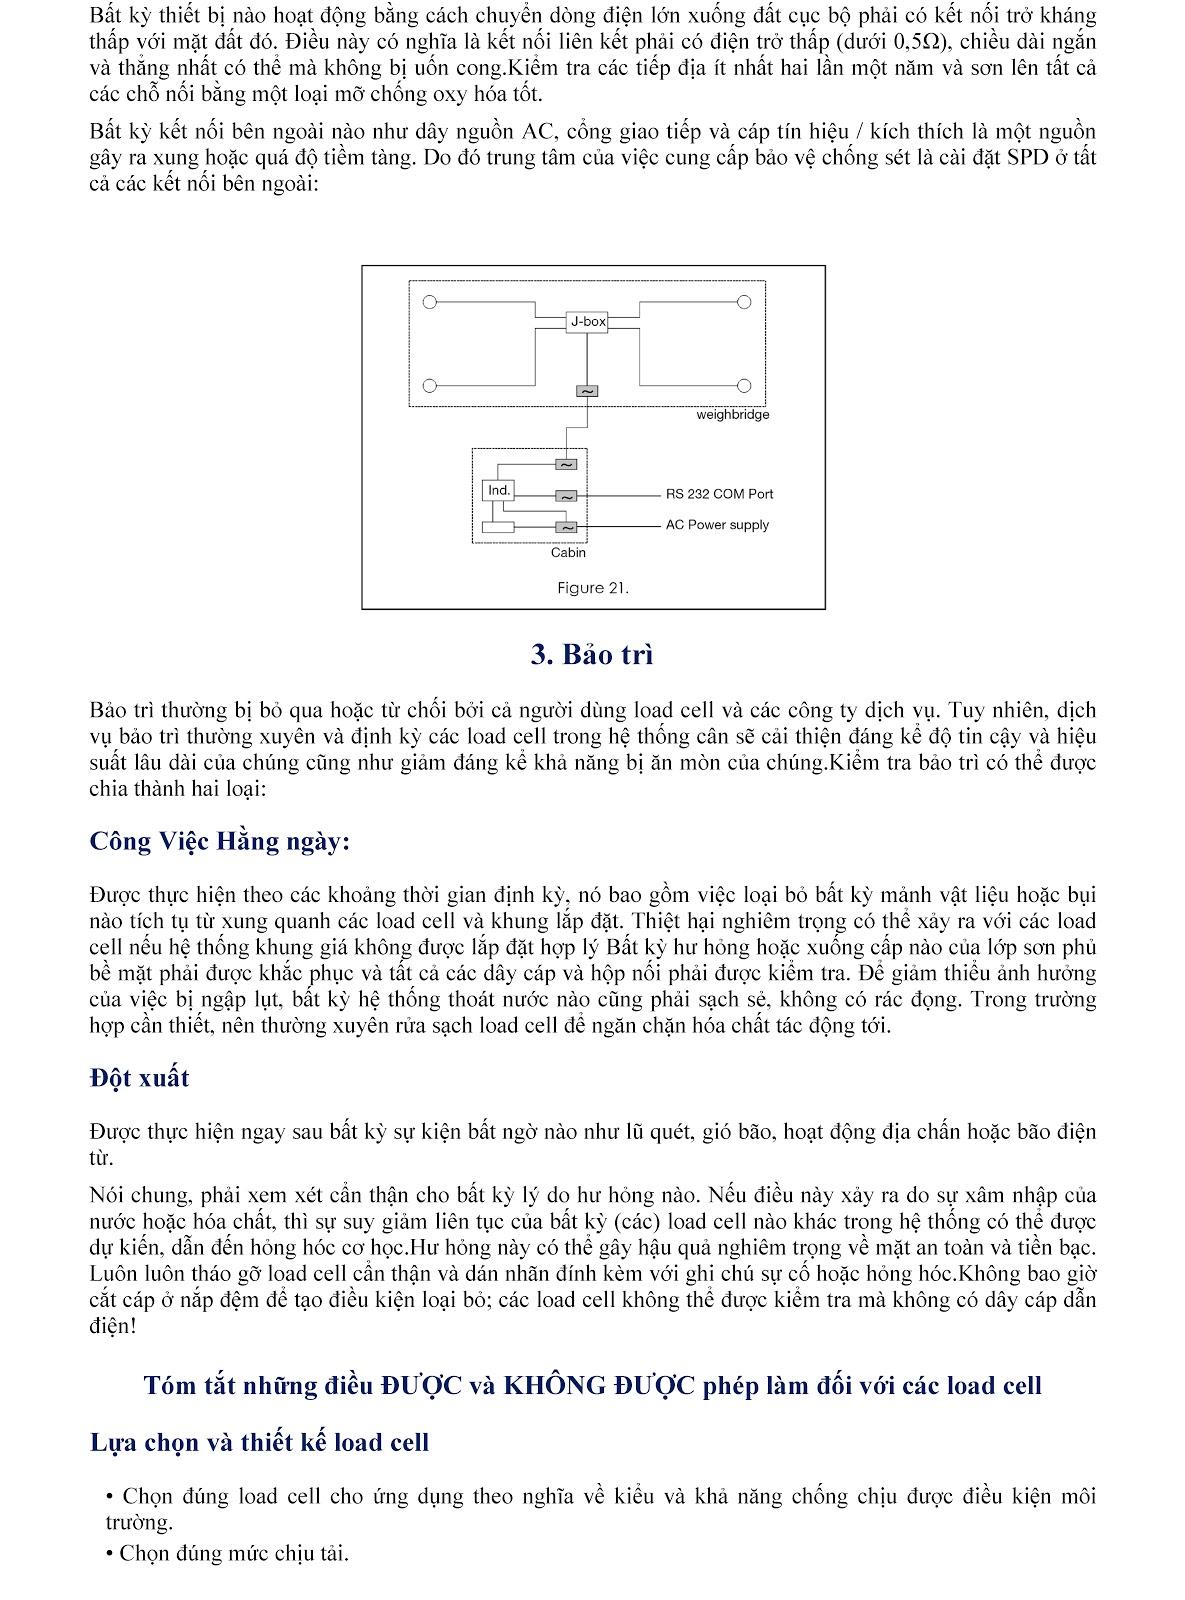 Lưu ý kỹ thuật về Load cell và module cân điện tử (tt) 16